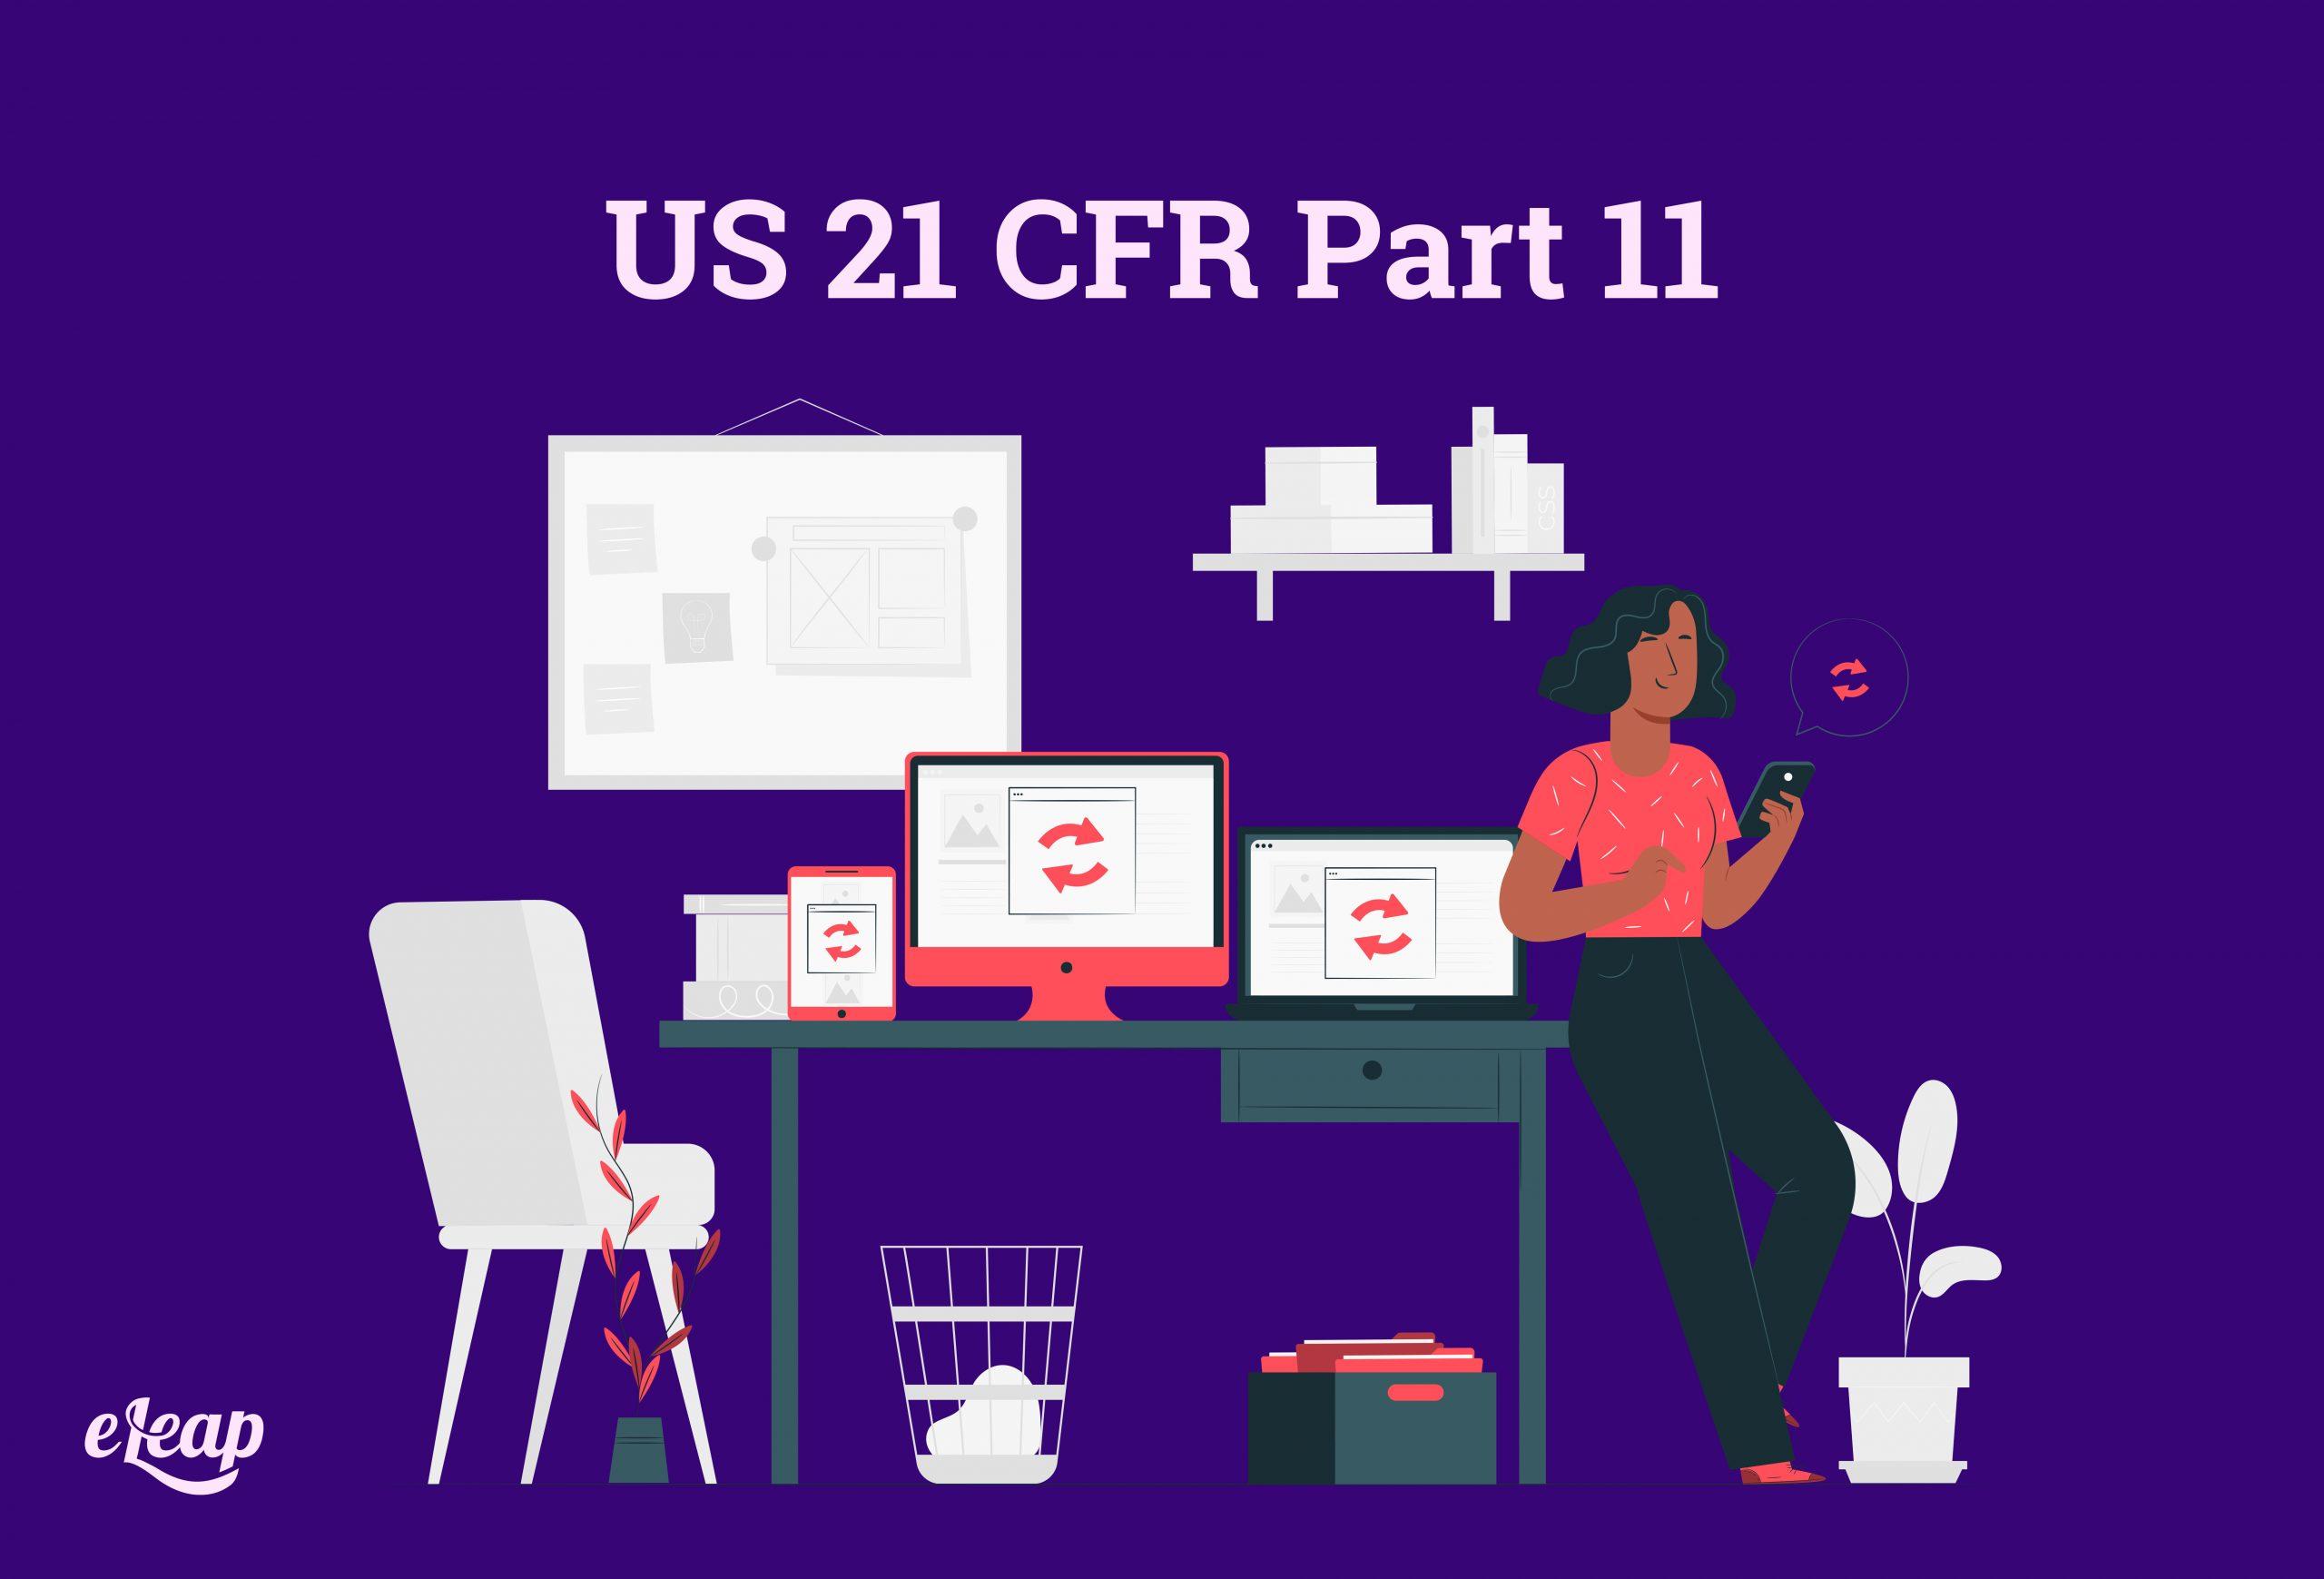 US 21 CFR Part 11